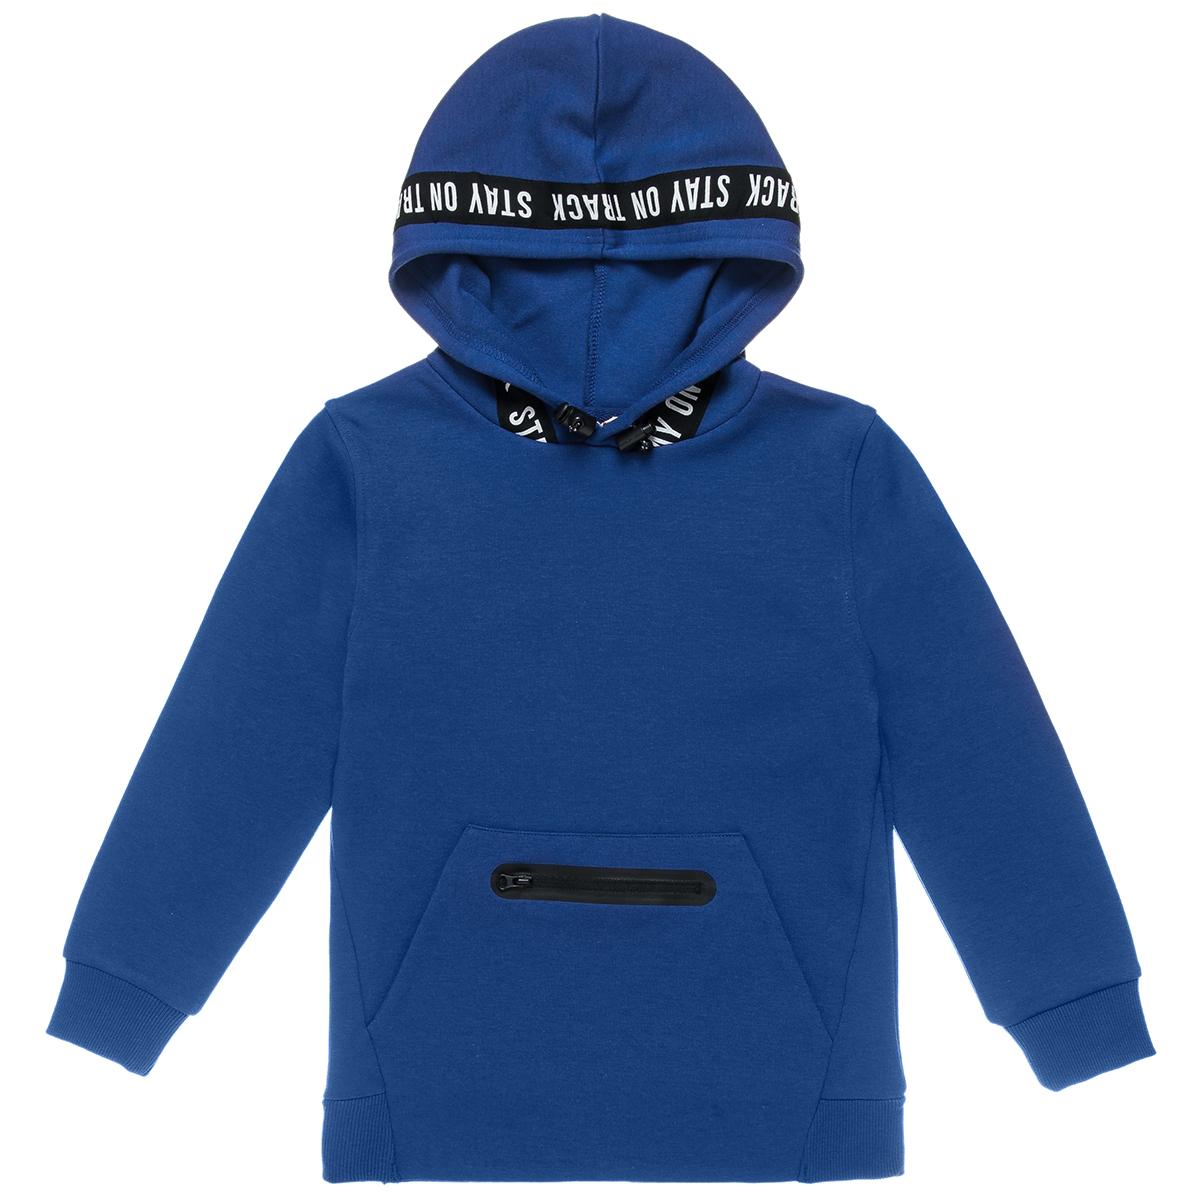 Μπλούζα φουτερ με τσέπες και λεπτομέρεια στην κουκούλα (Αγόρι 6-16 ετών) 00922412 - ΜΠΛΕ ΡΟΥΑ - 4640-0009/3/236/111